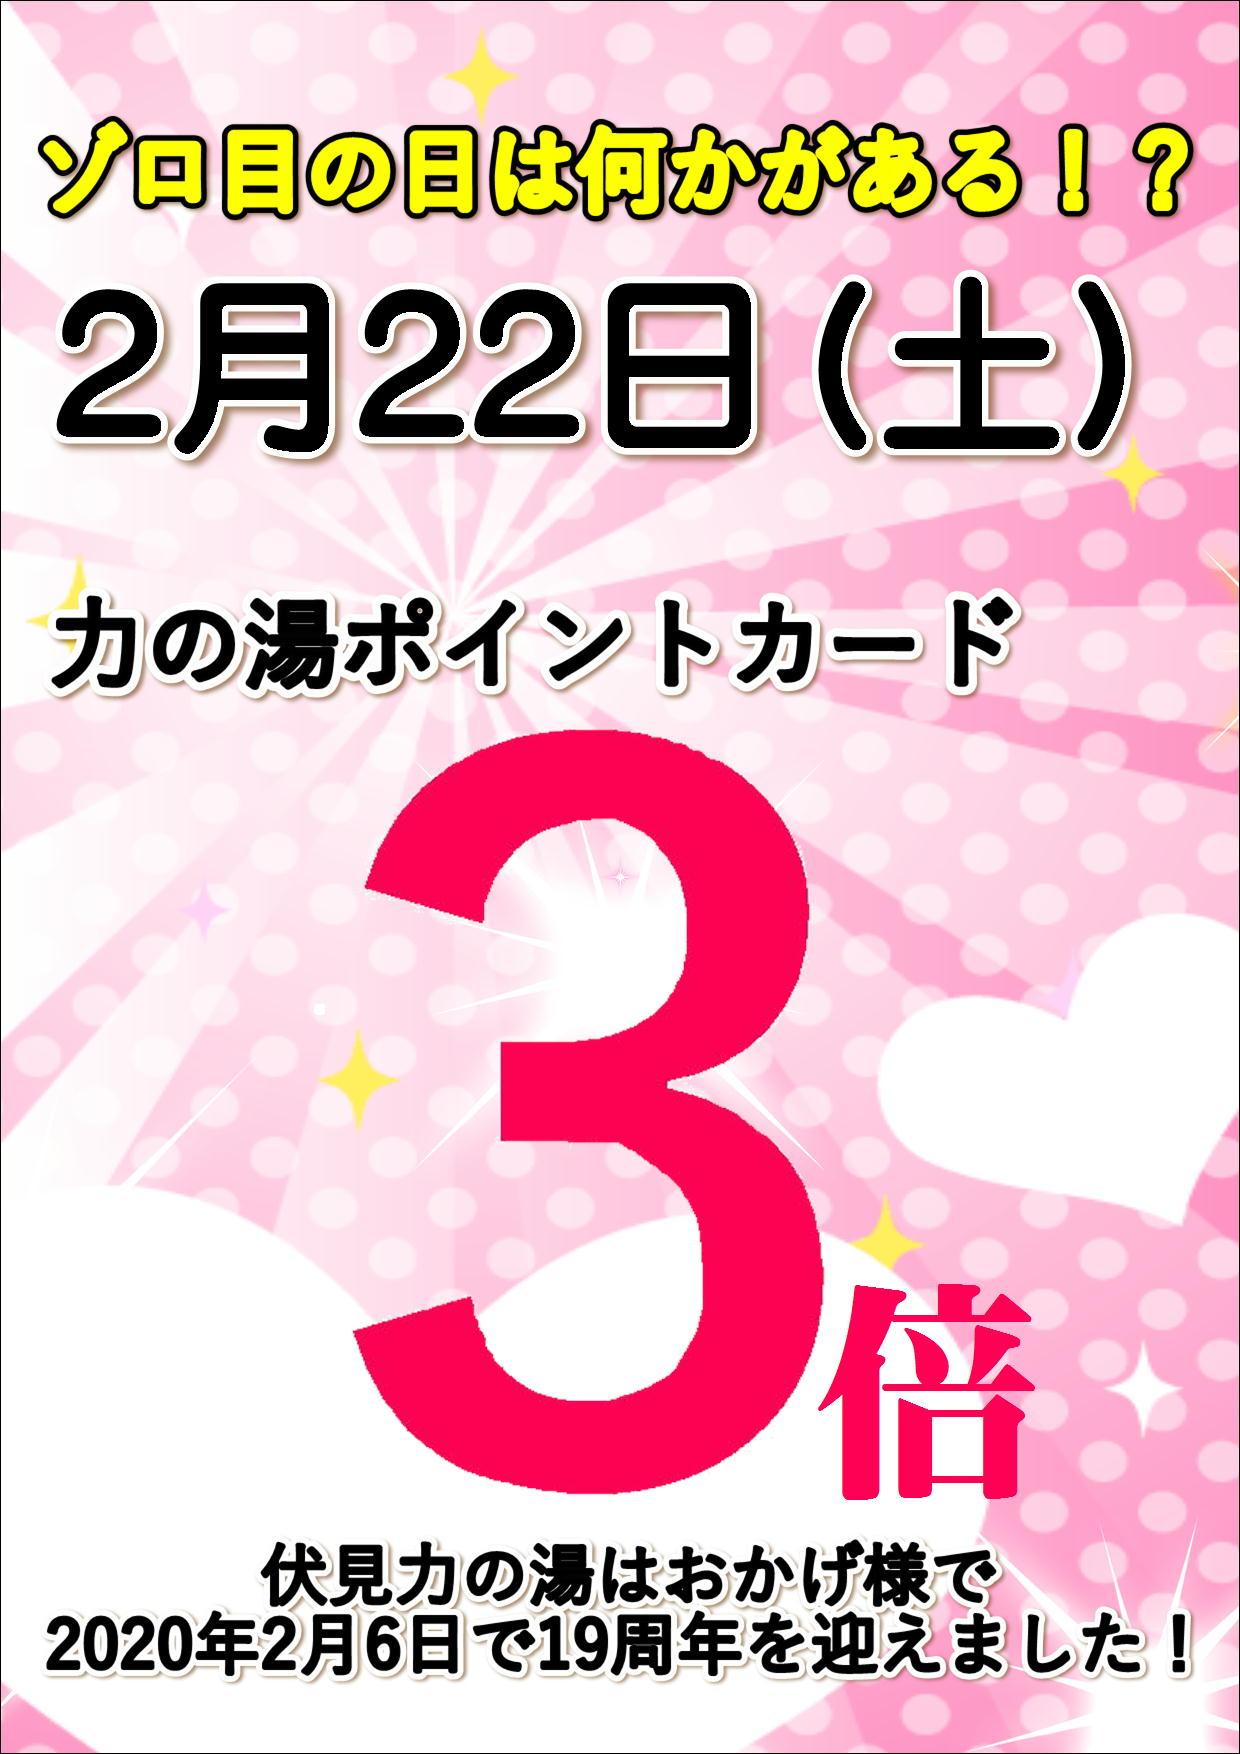 ゾロ目の日は何かがある!? 2/22(土)超お得な「ポイント3倍デー」開催!